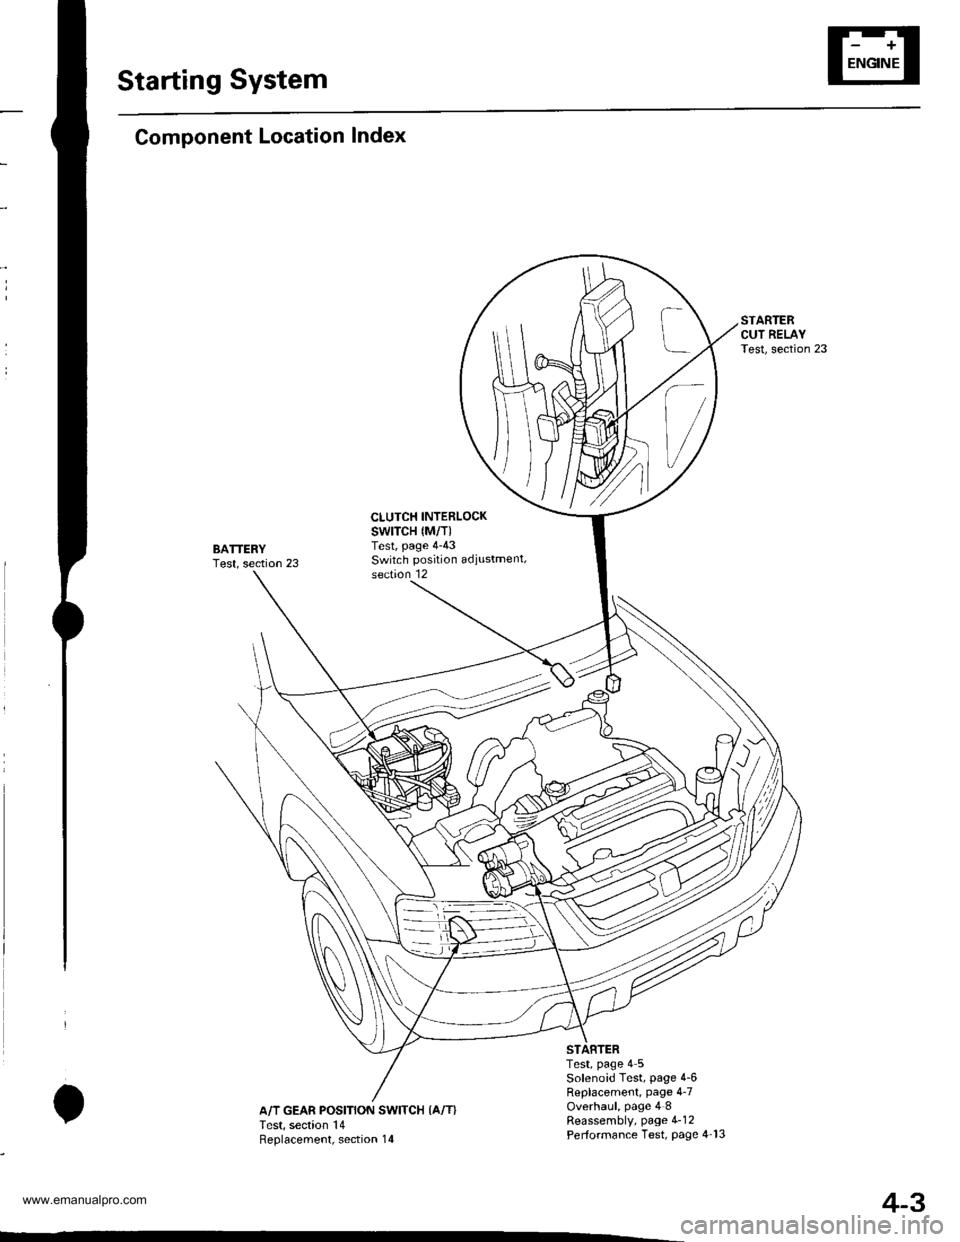 2000 Honda Cr V Engine Diagram Wiring Diagram Local C Local C Maceratadoc It